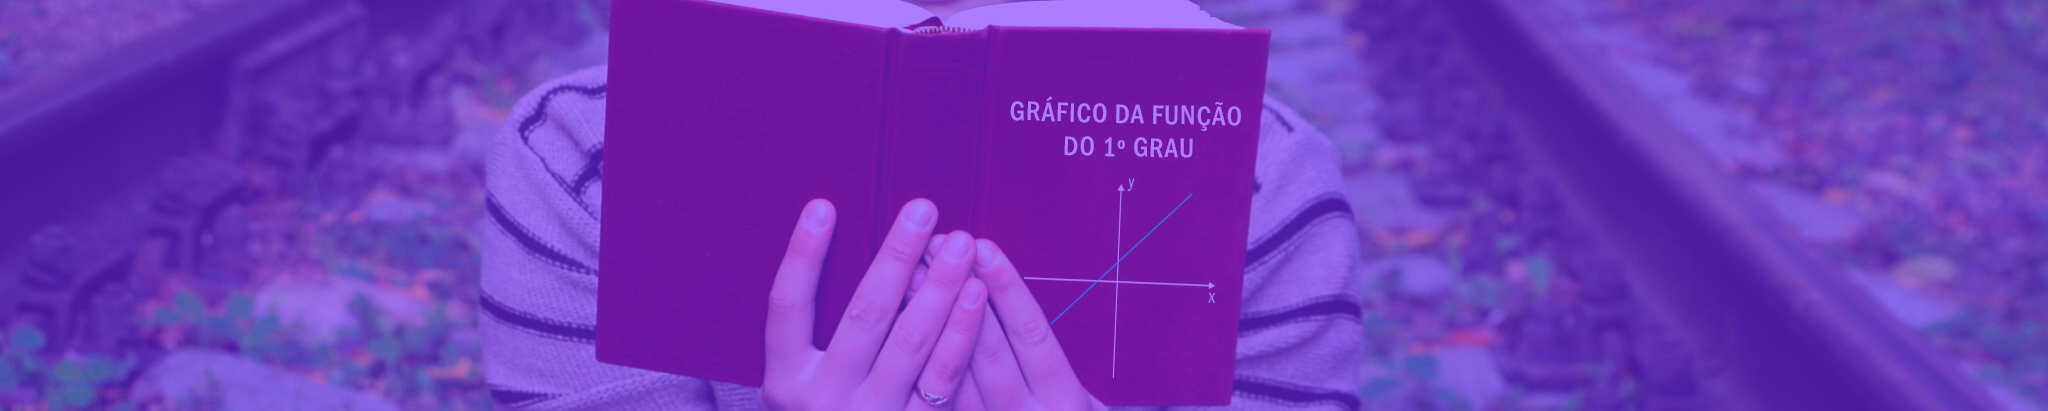 GRÁFICO DA FUNÇÃO DO 1º GRAU